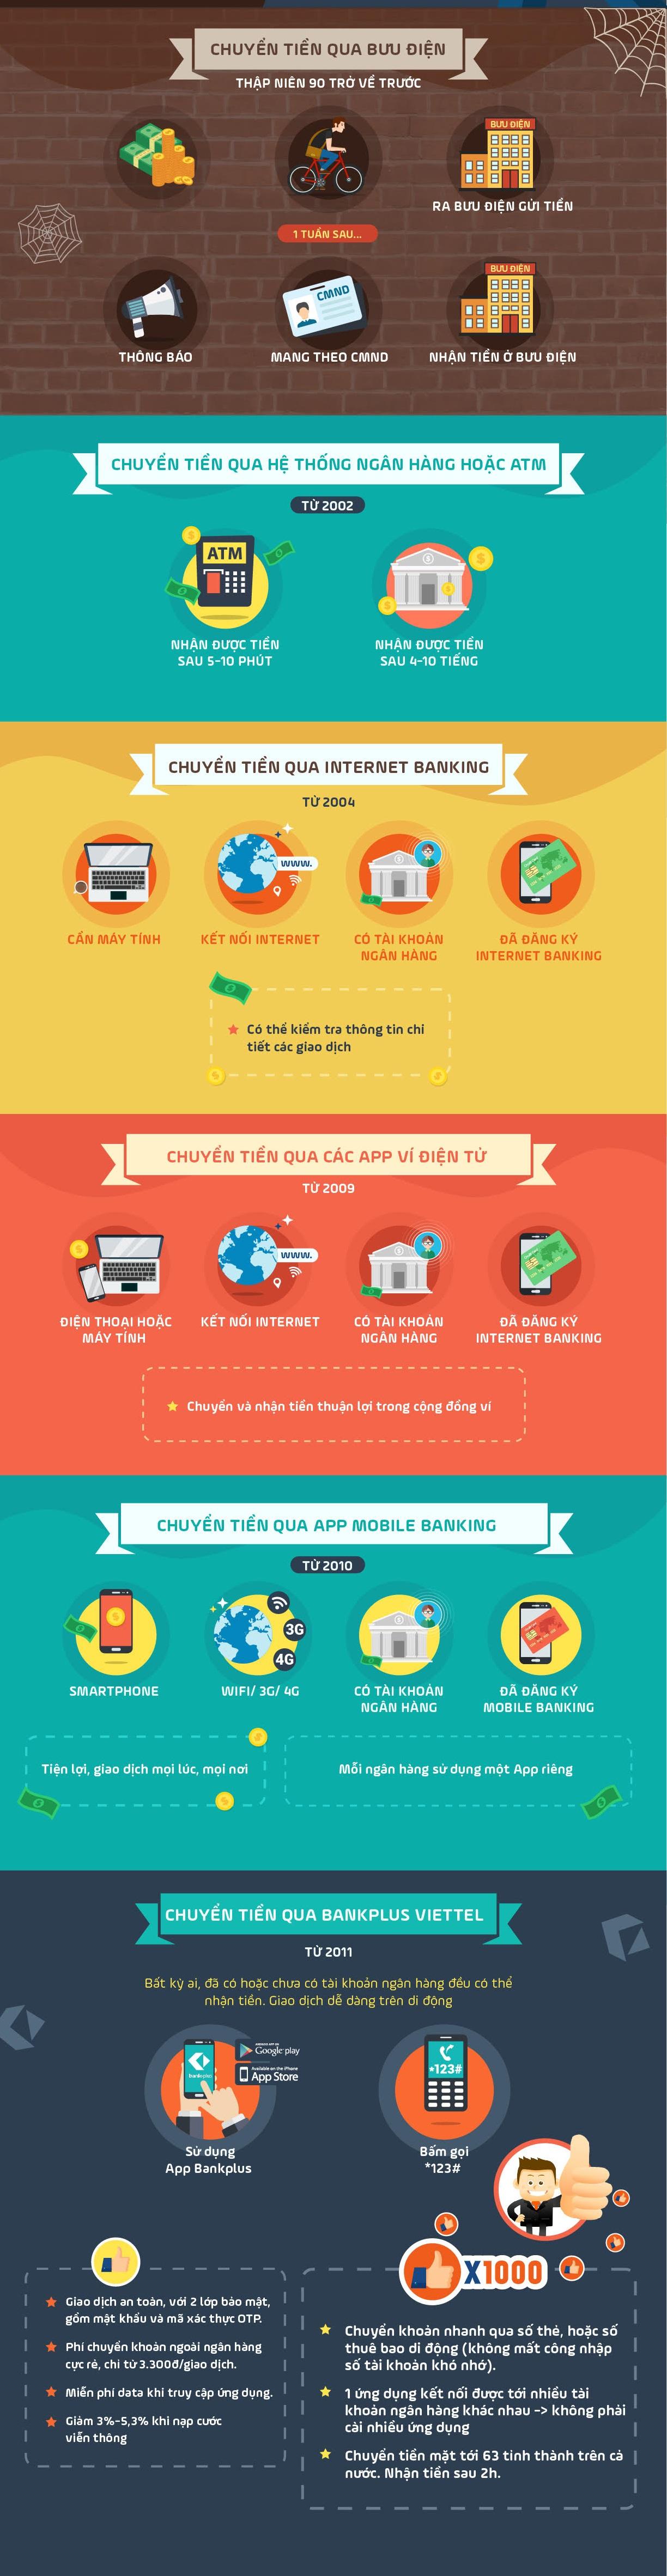 Điểm cộng của dịch vụ chuyển tiền trực tuyến